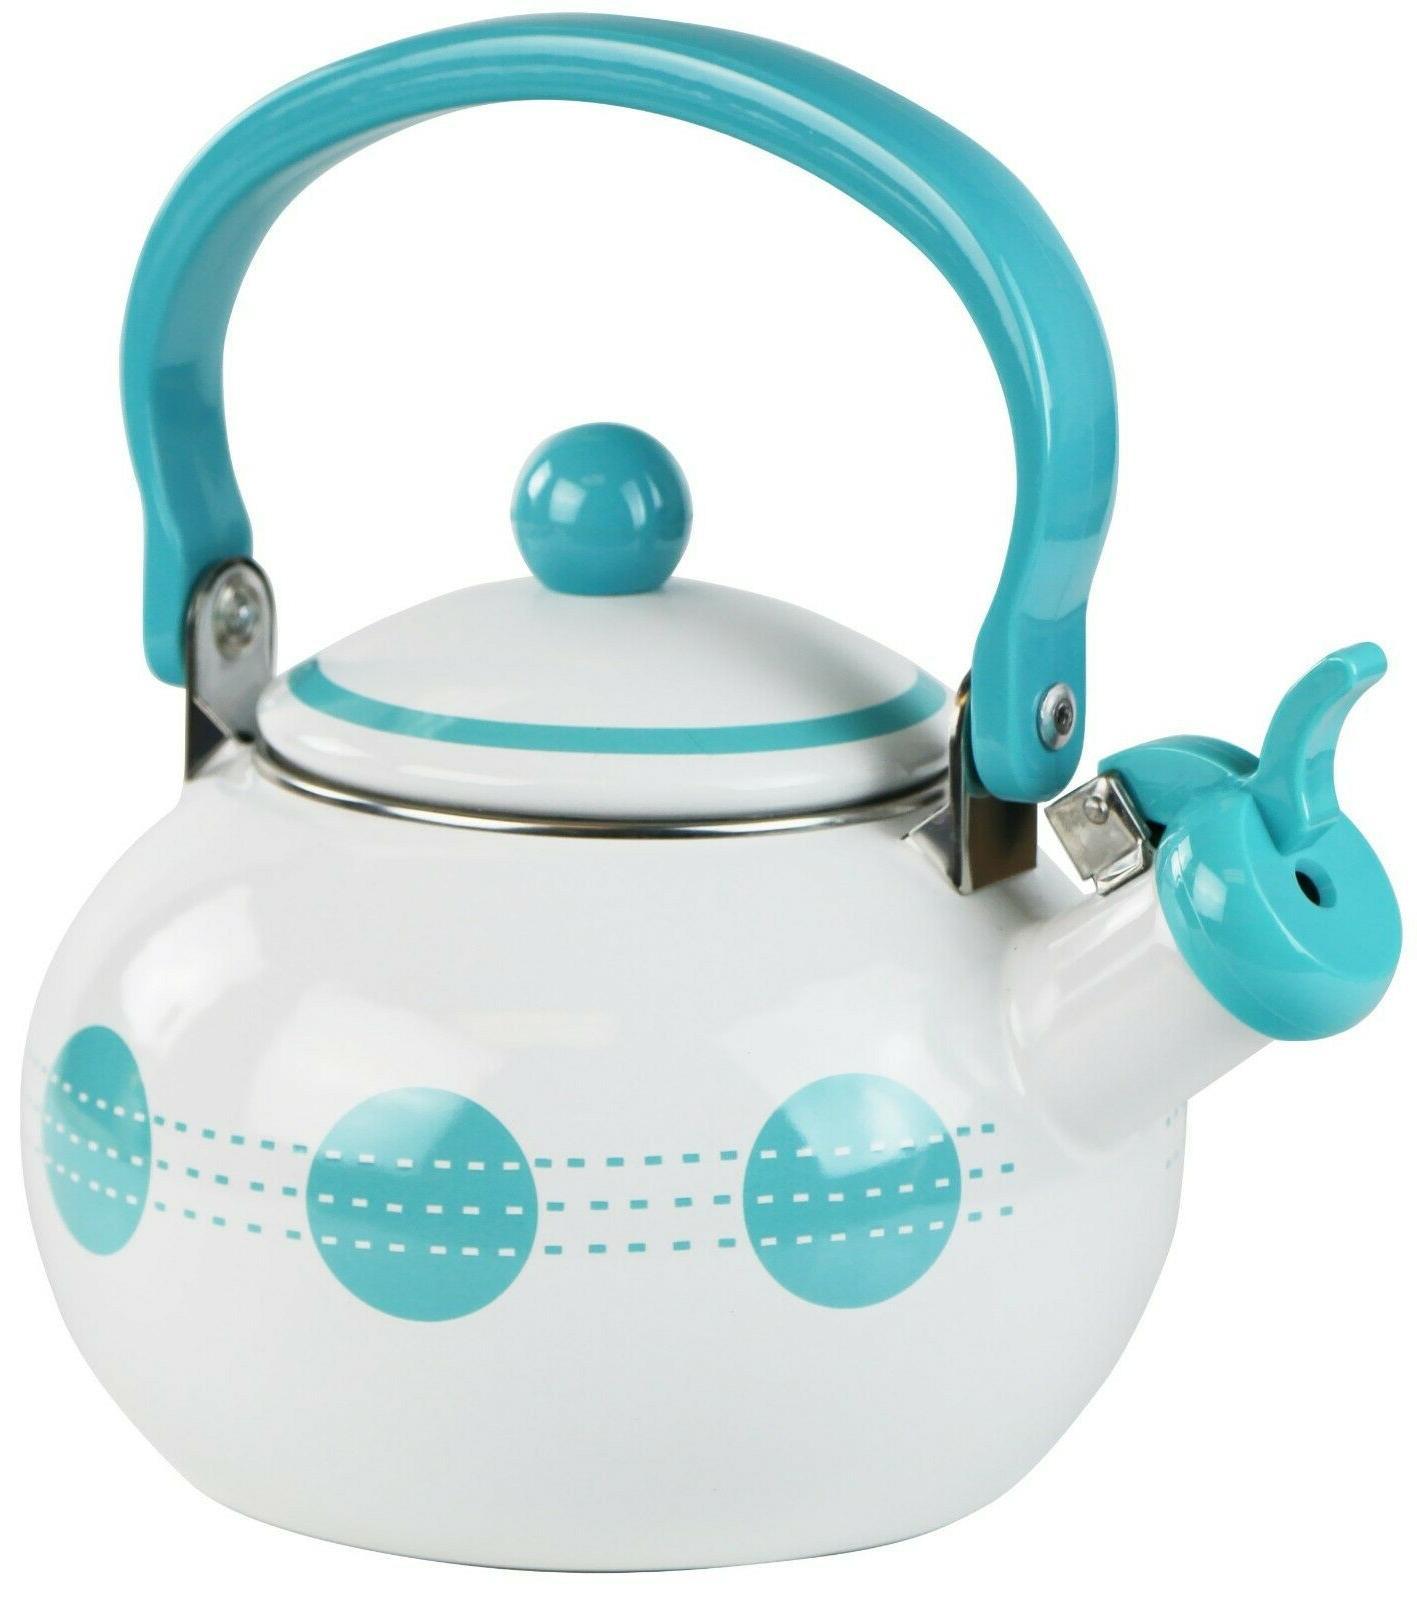 CORELLE TEA Safe Your NEW